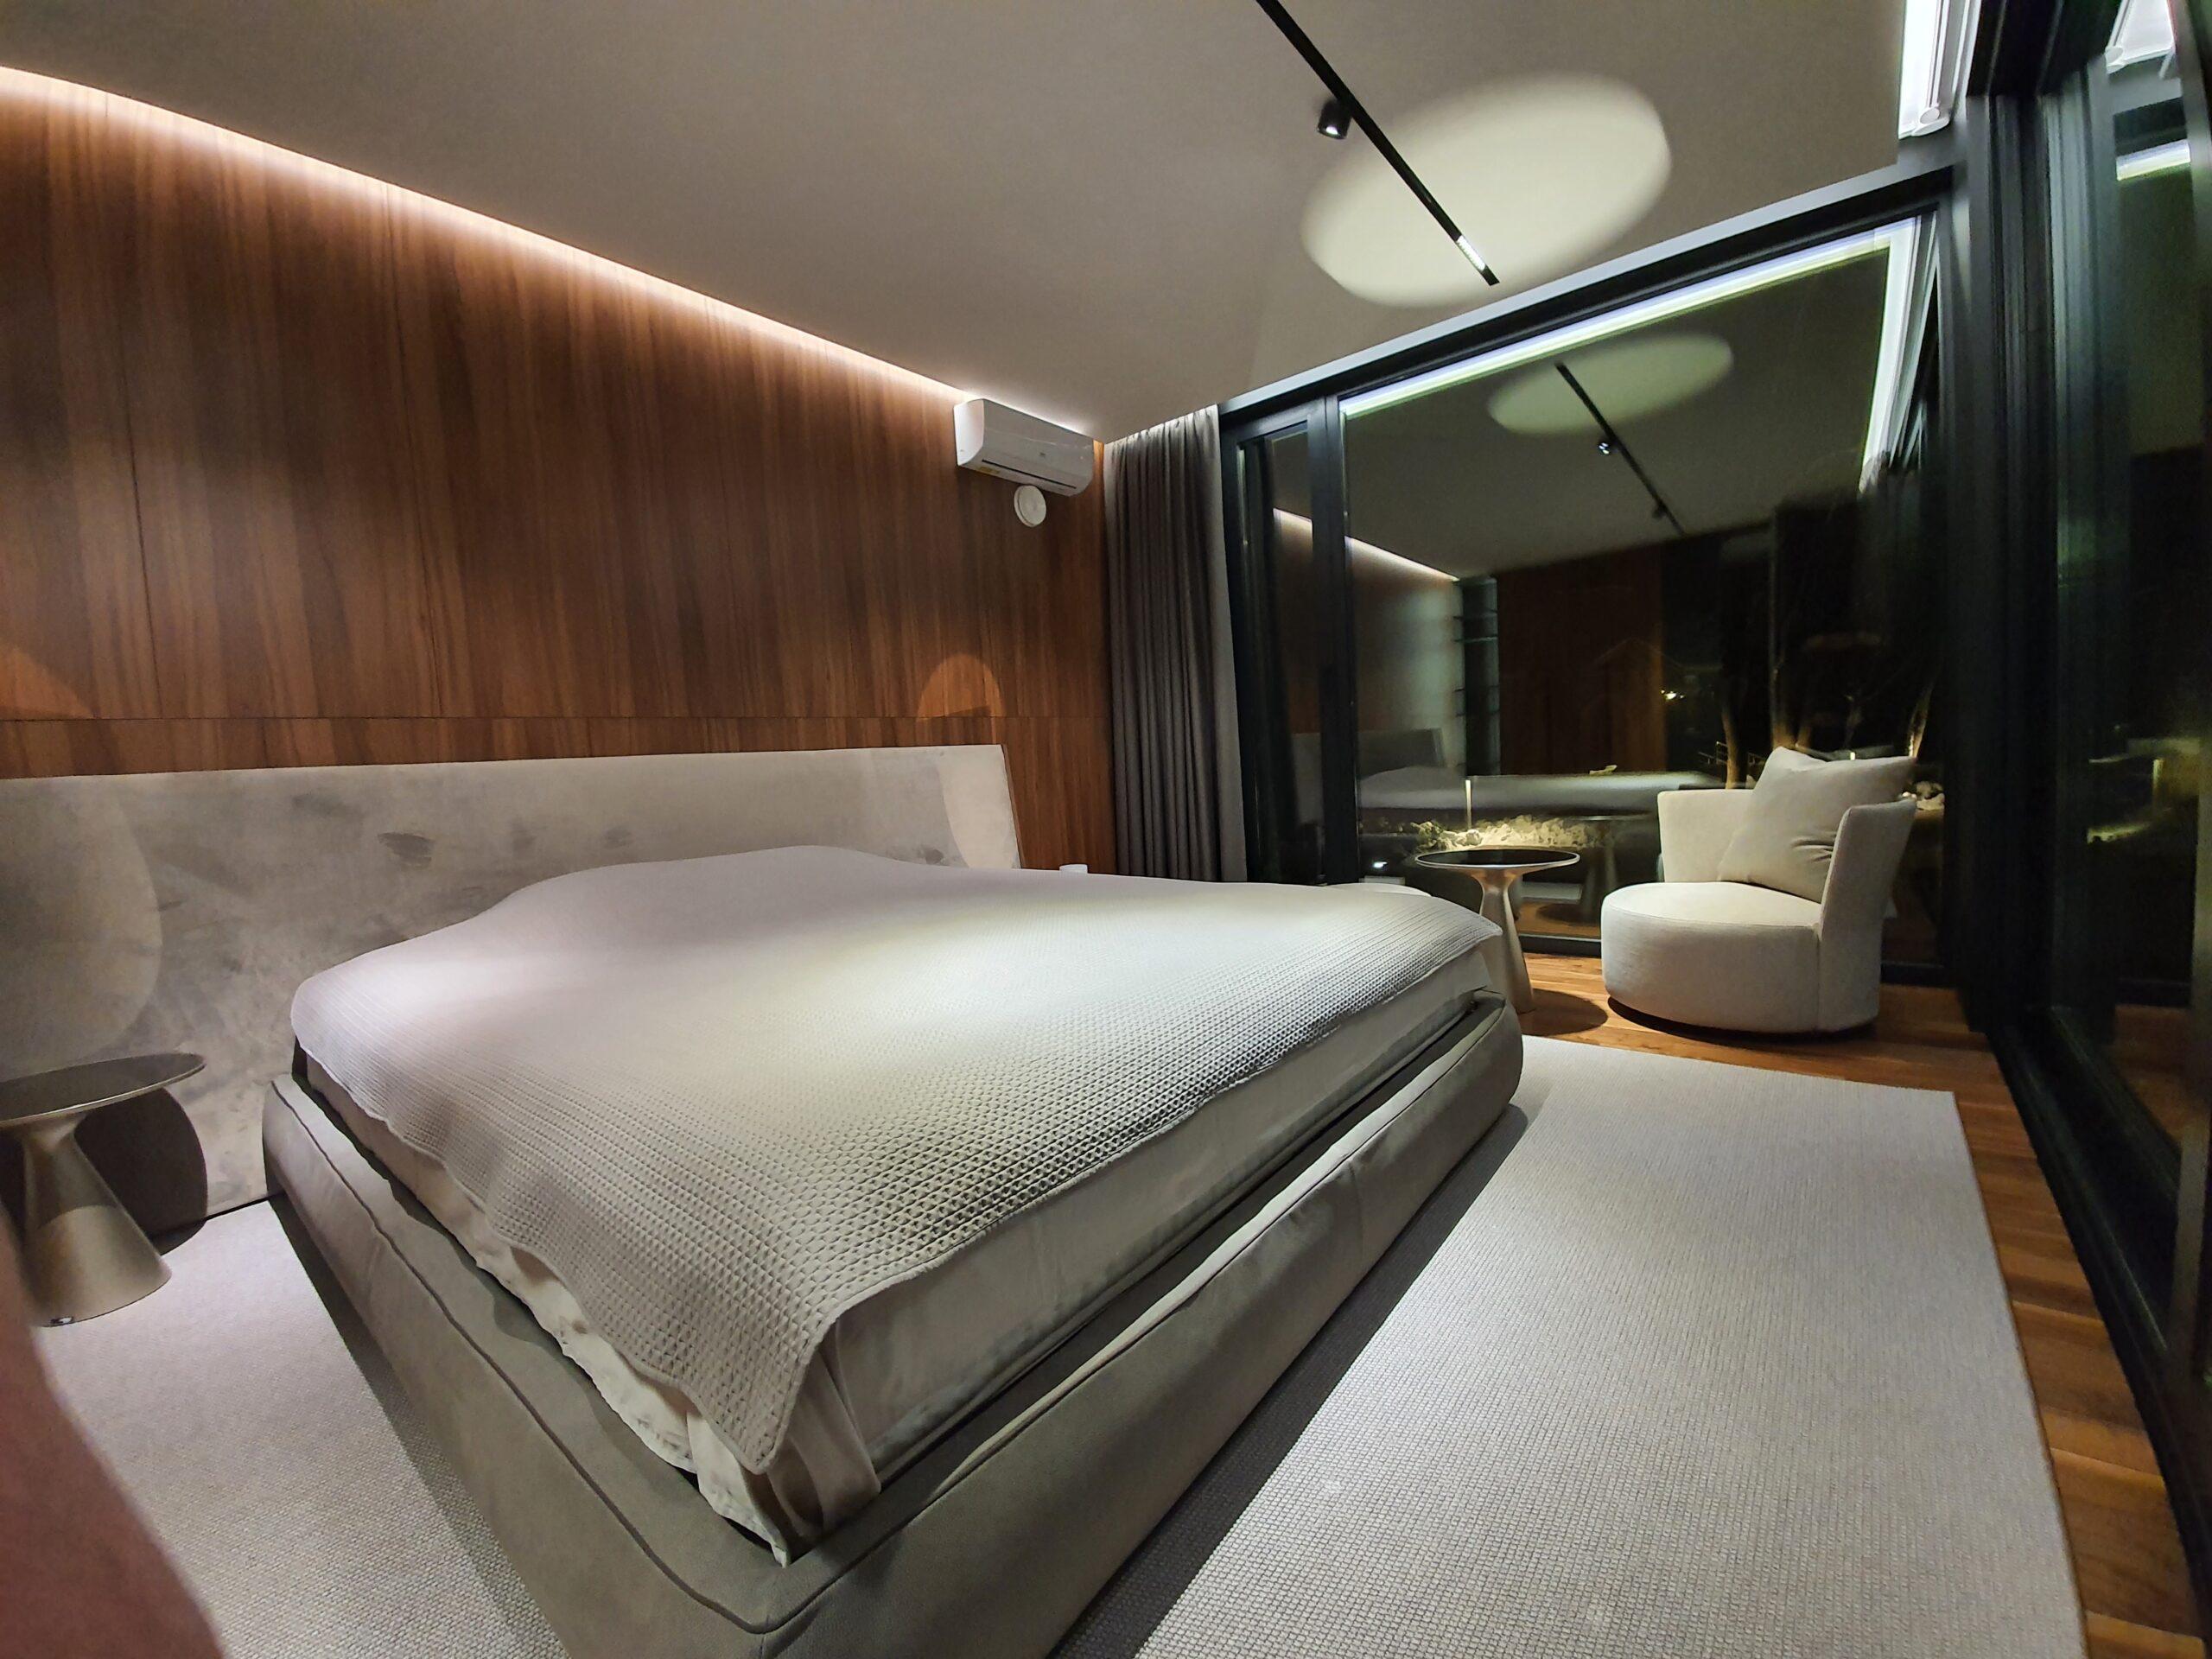 інтрер'єри модуль хаус, интерьеры модуль хаус, module house interiors.